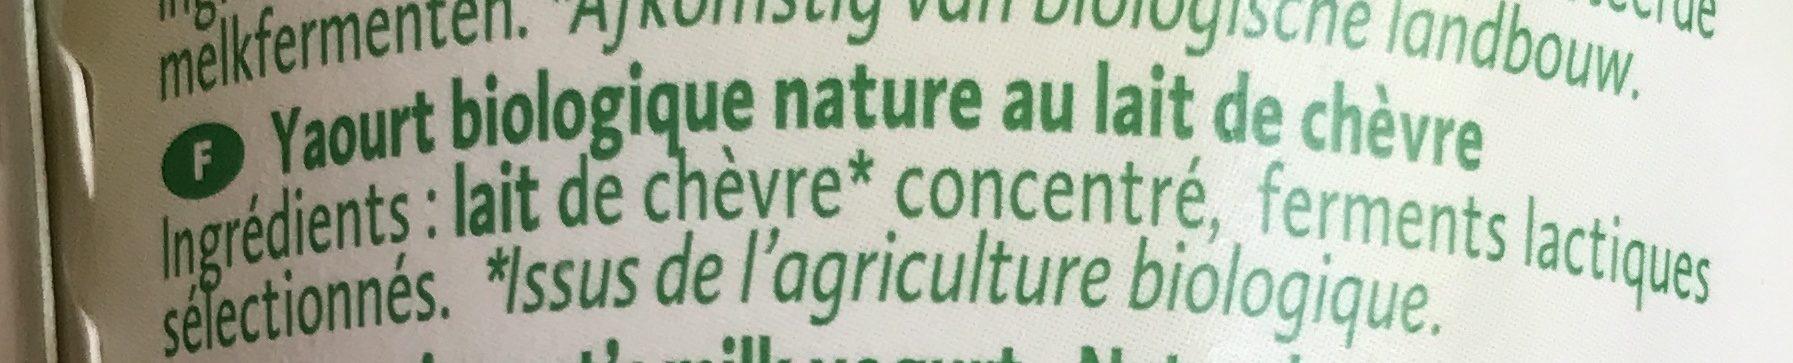 Yaourt biologique nature au lait de chèvre - Ingrédients